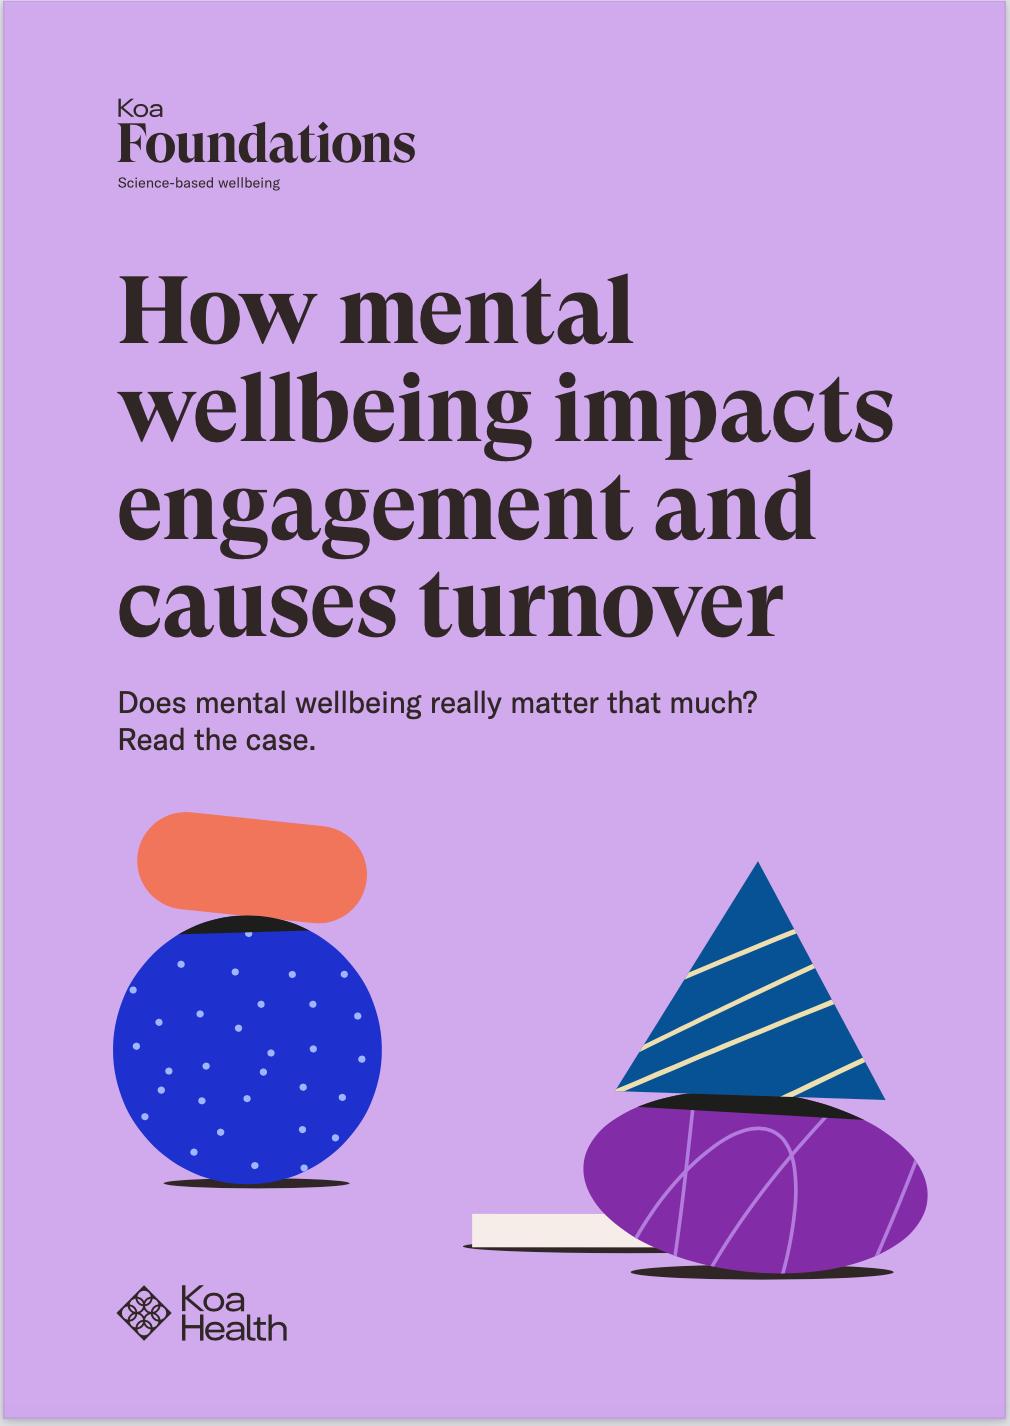 Portada del estudio de impacto de bienestar mental con imágenes de Koa Foundations